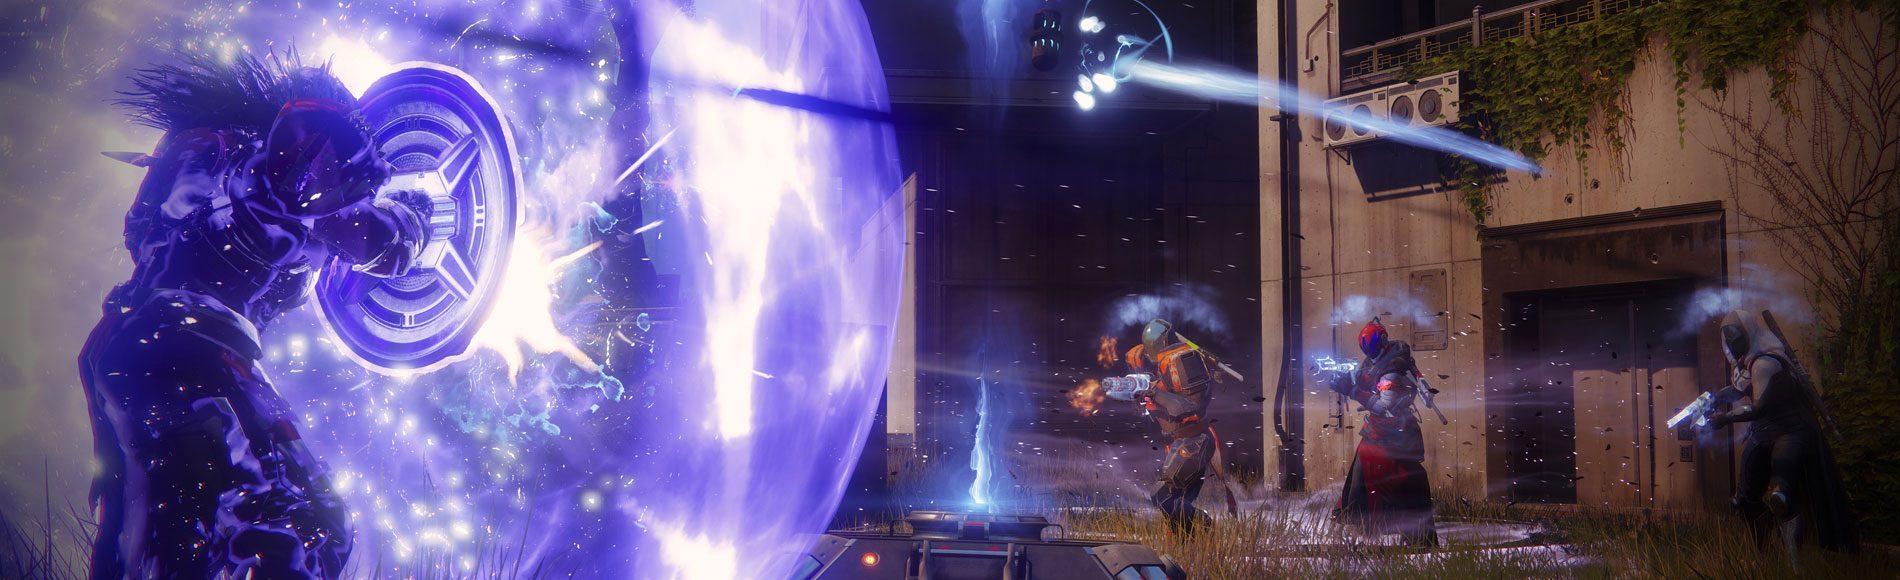 Die Mauer, an der die Dunkelheit zerbricht - Der Titan in